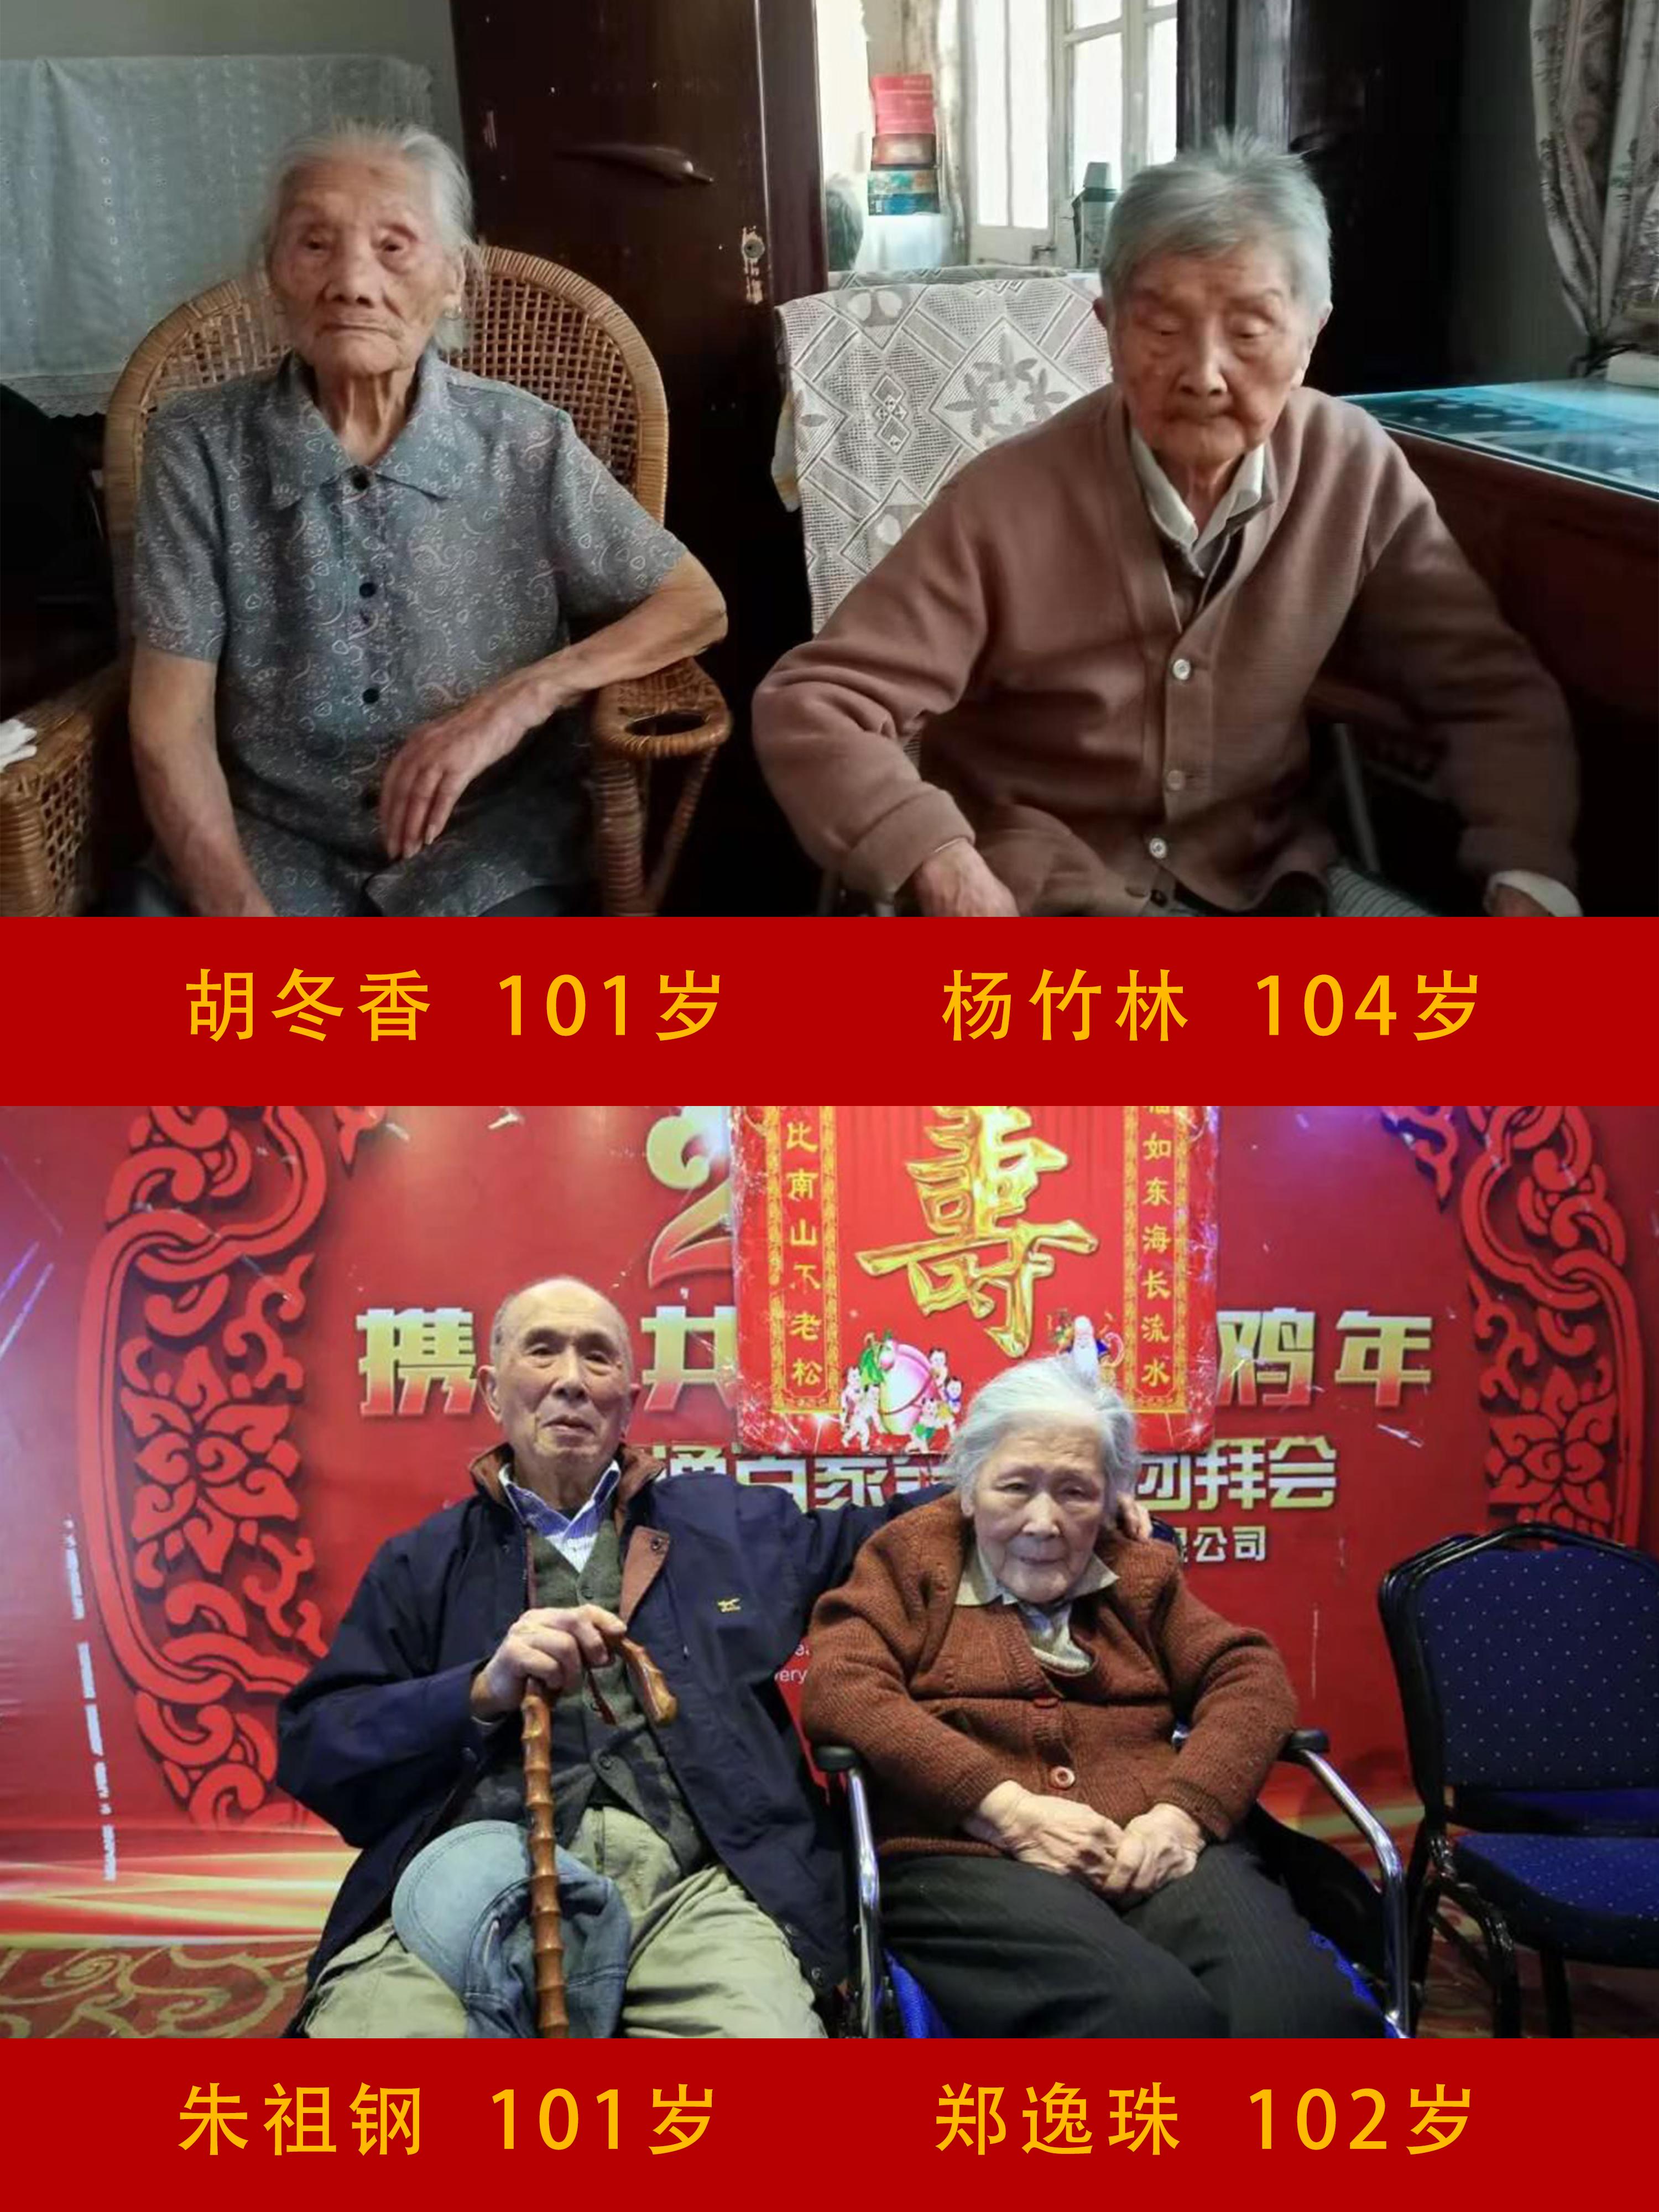 上海百岁夫妻上海市民政局图